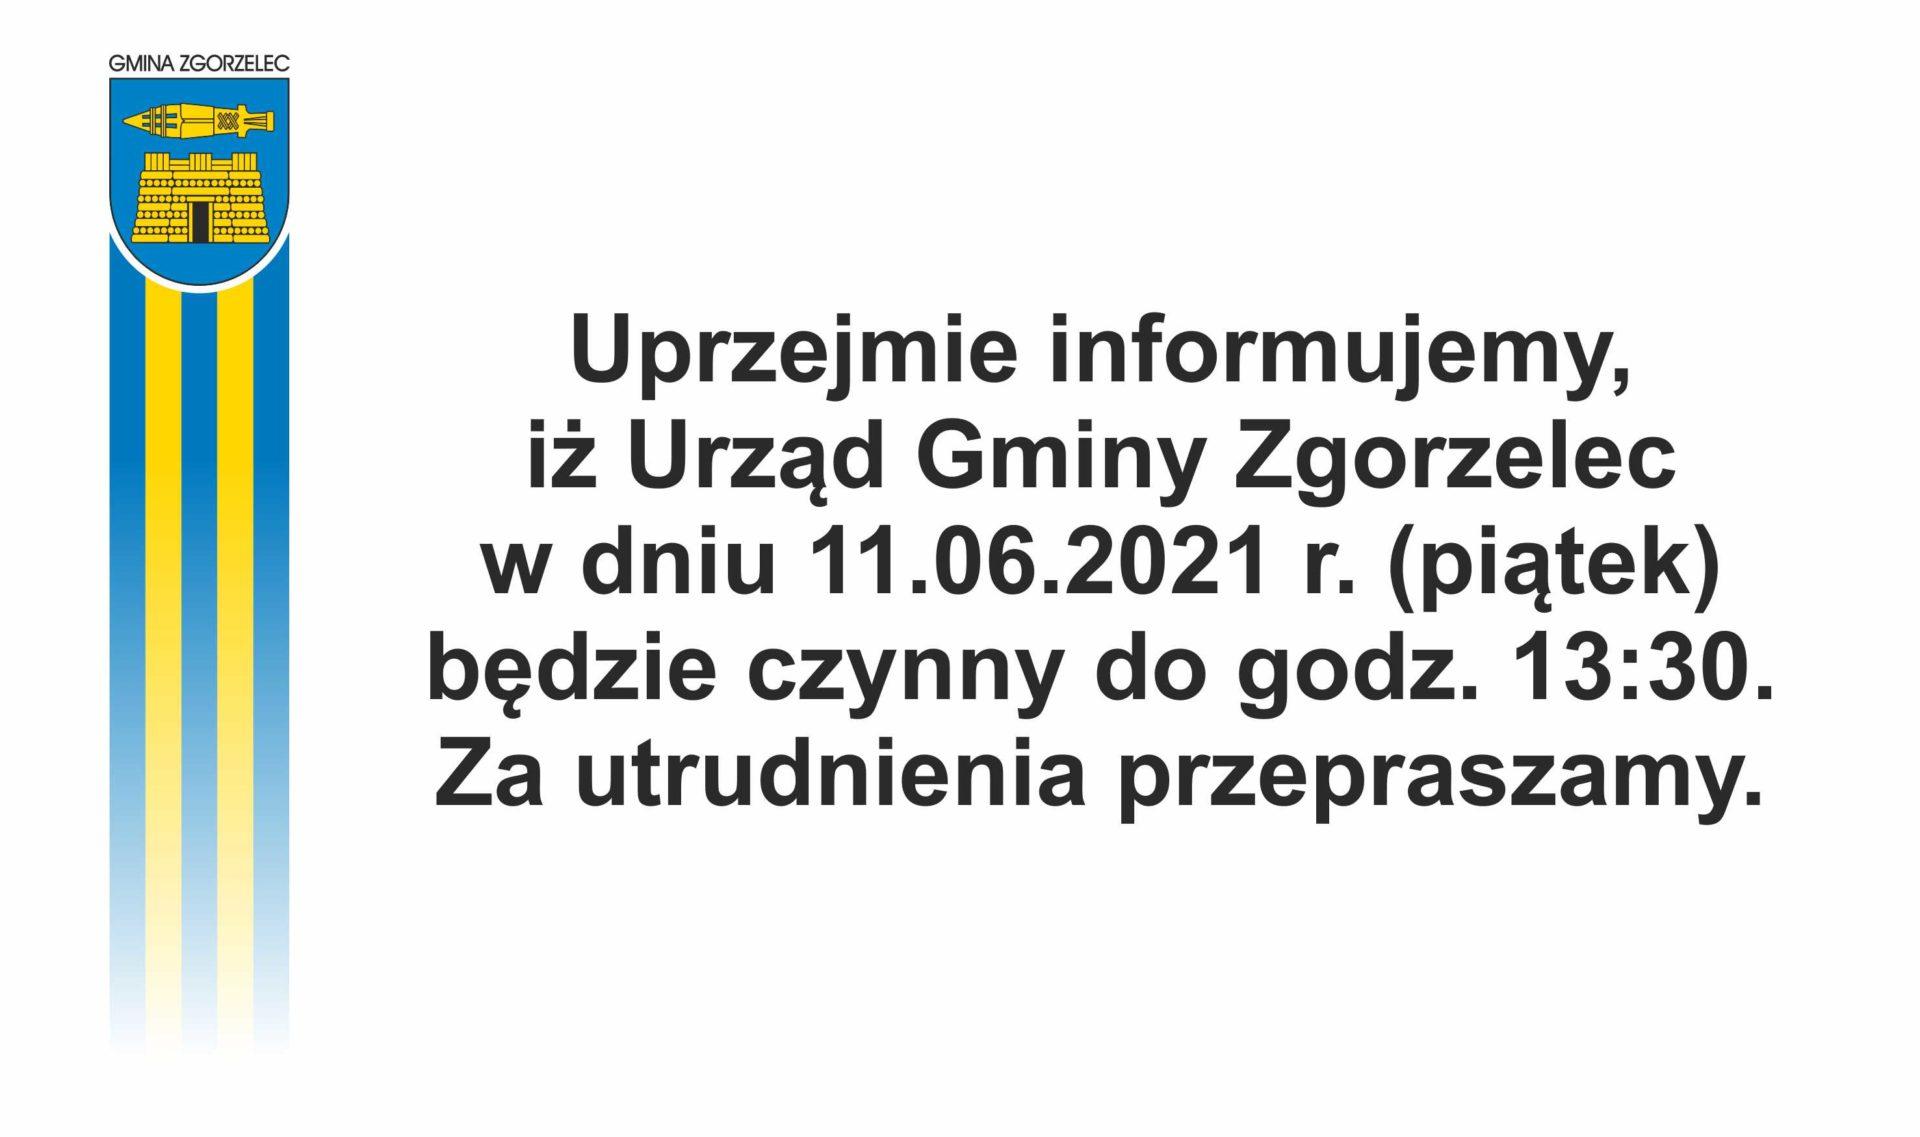 11.06.2021 r. – urząd gminy czynny do 13:30